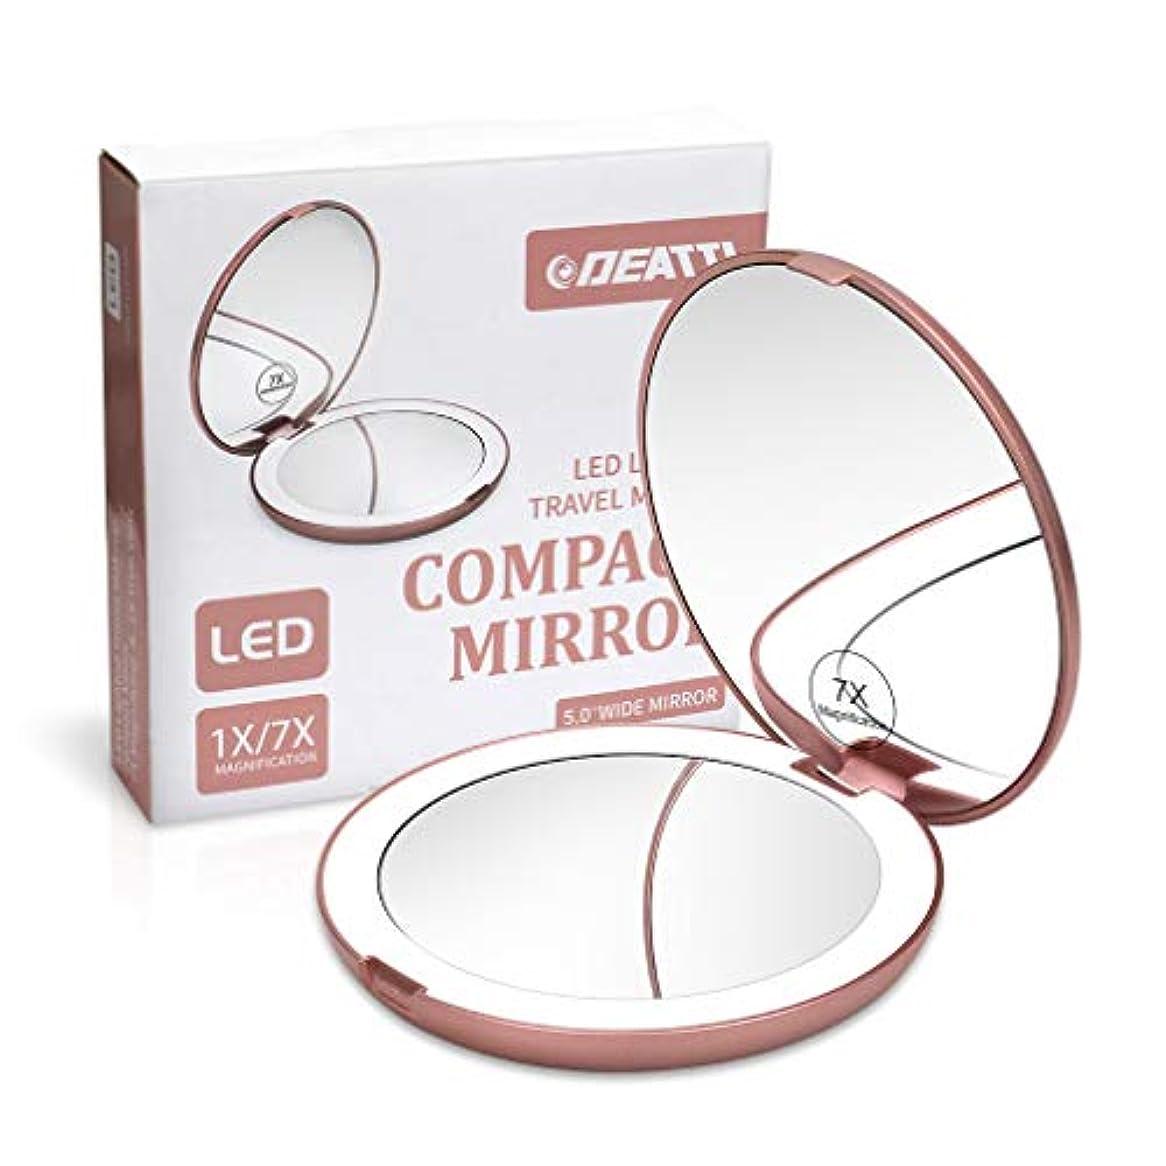 原始的な見積りすきDEATTI 携帯ミラー 鏡 LED 二面鏡 拡大鏡 7倍と等倍 化粧 おしゃれ ローズゴールド